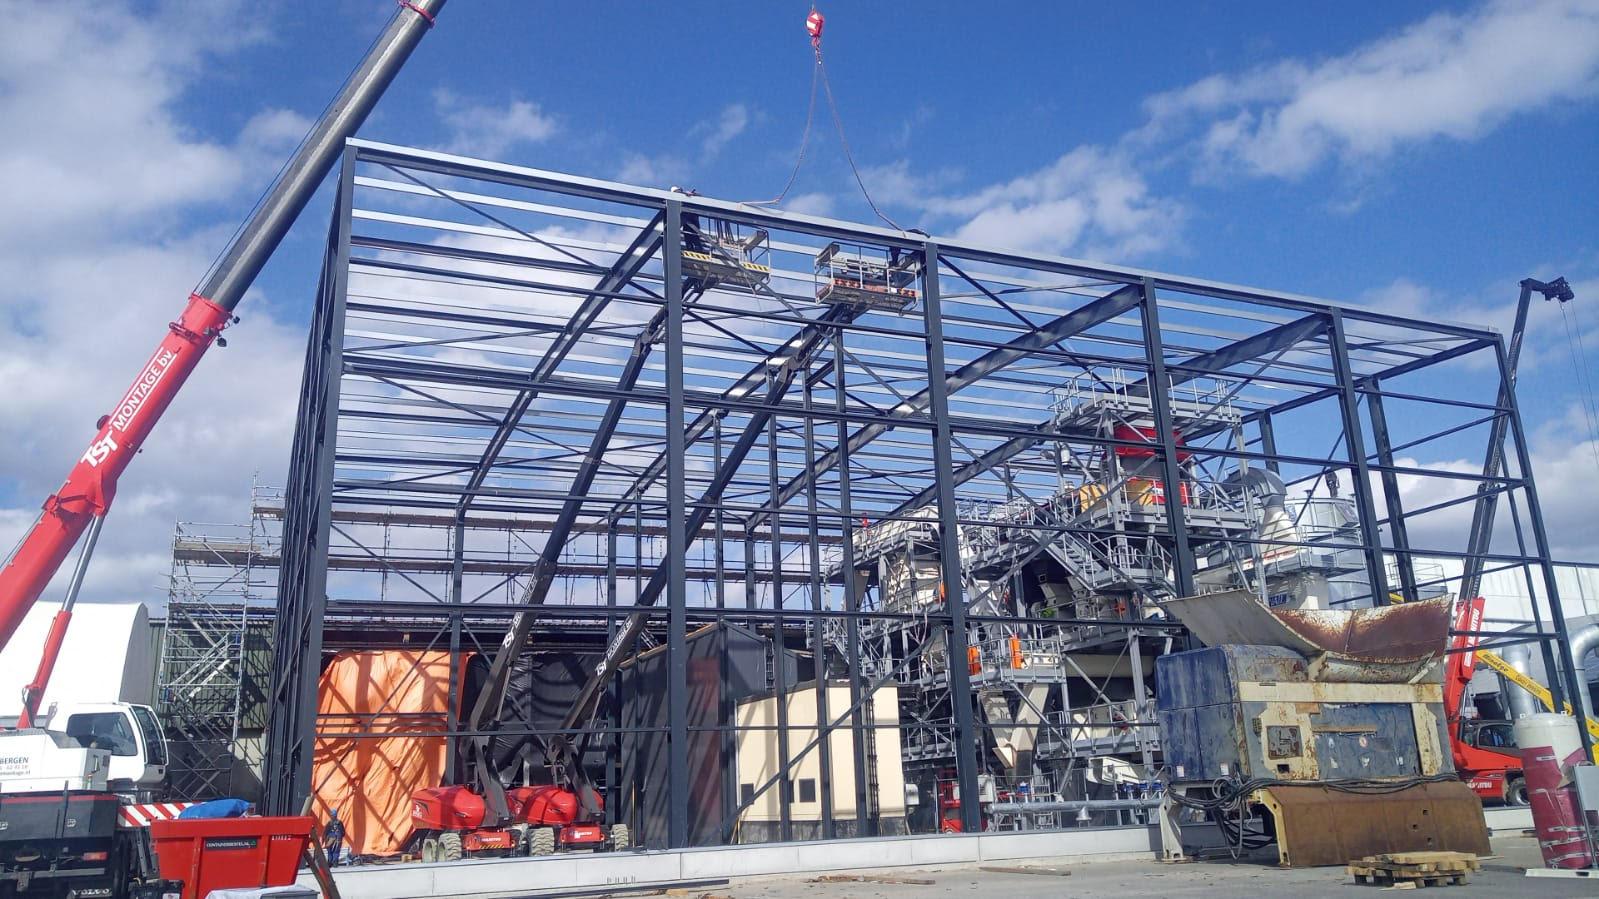 TST-Montage-Staalbouw-Project-coevorden